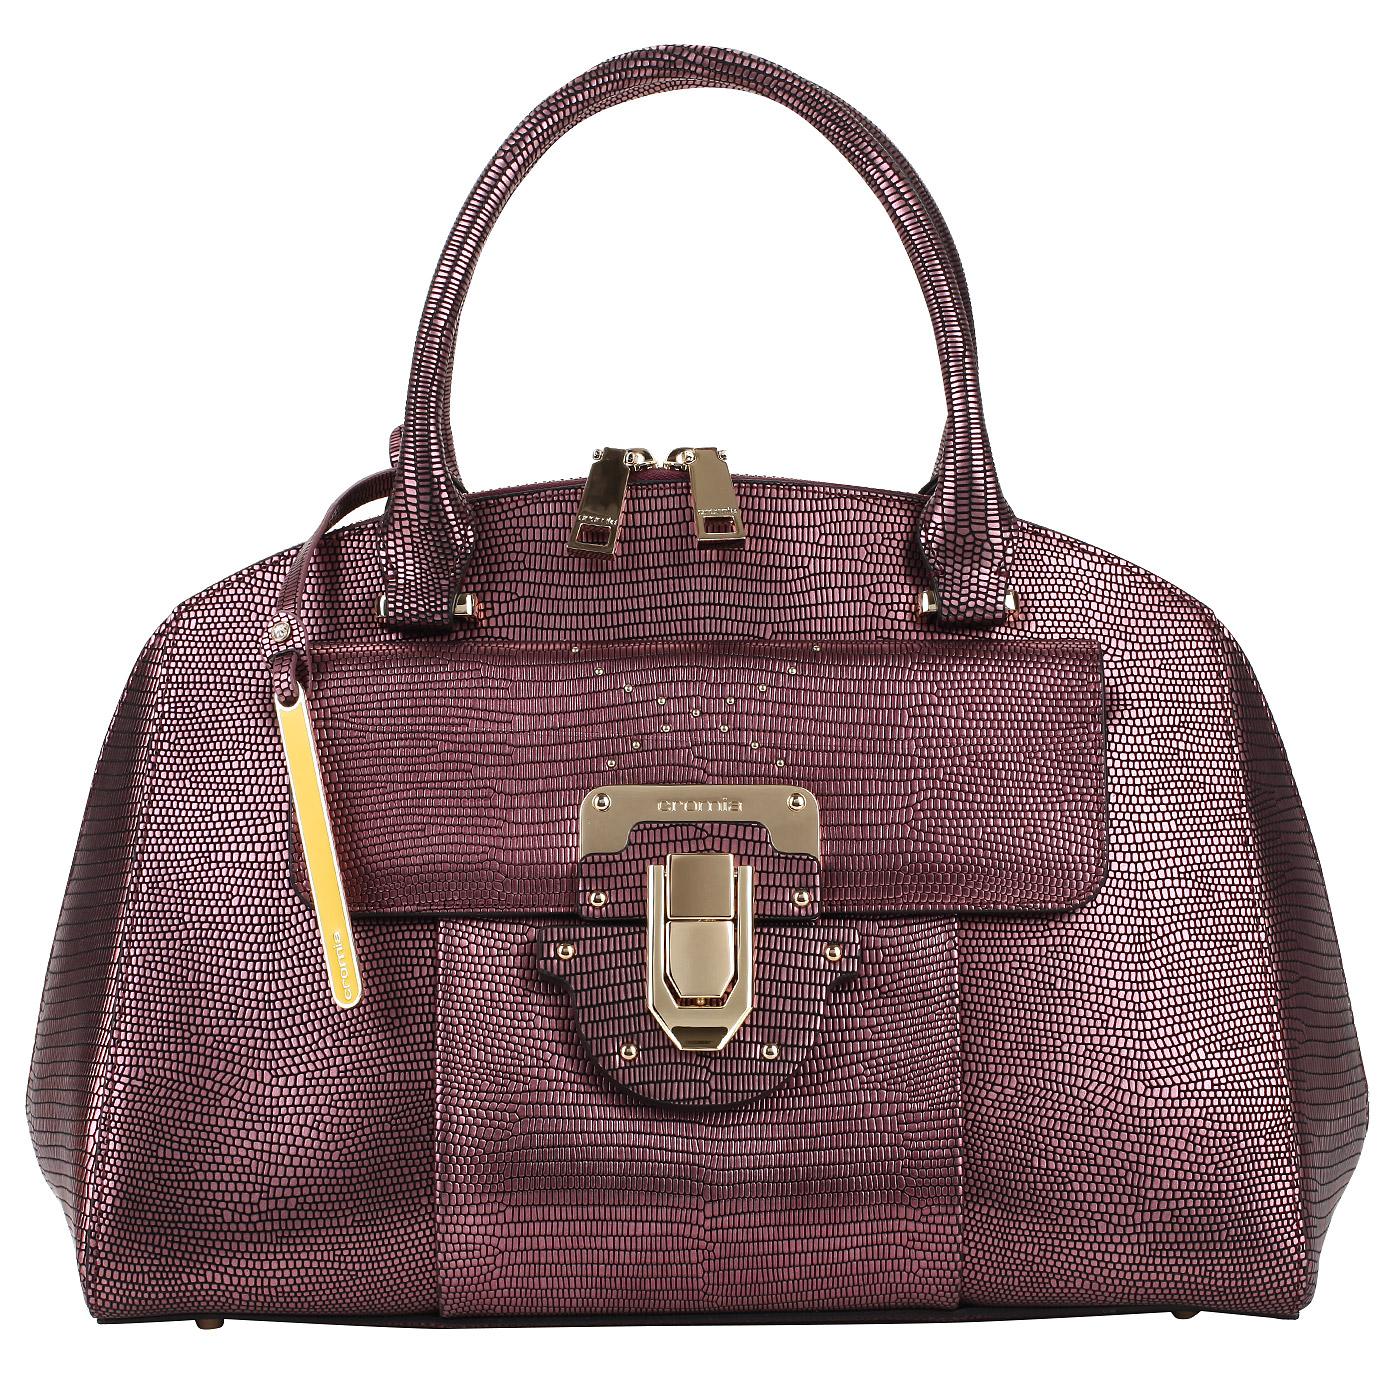 40c7694b5918 Классическая кожаная сумка Cromia Yvon Классическая кожаная сумка Cromia  Yvon ...